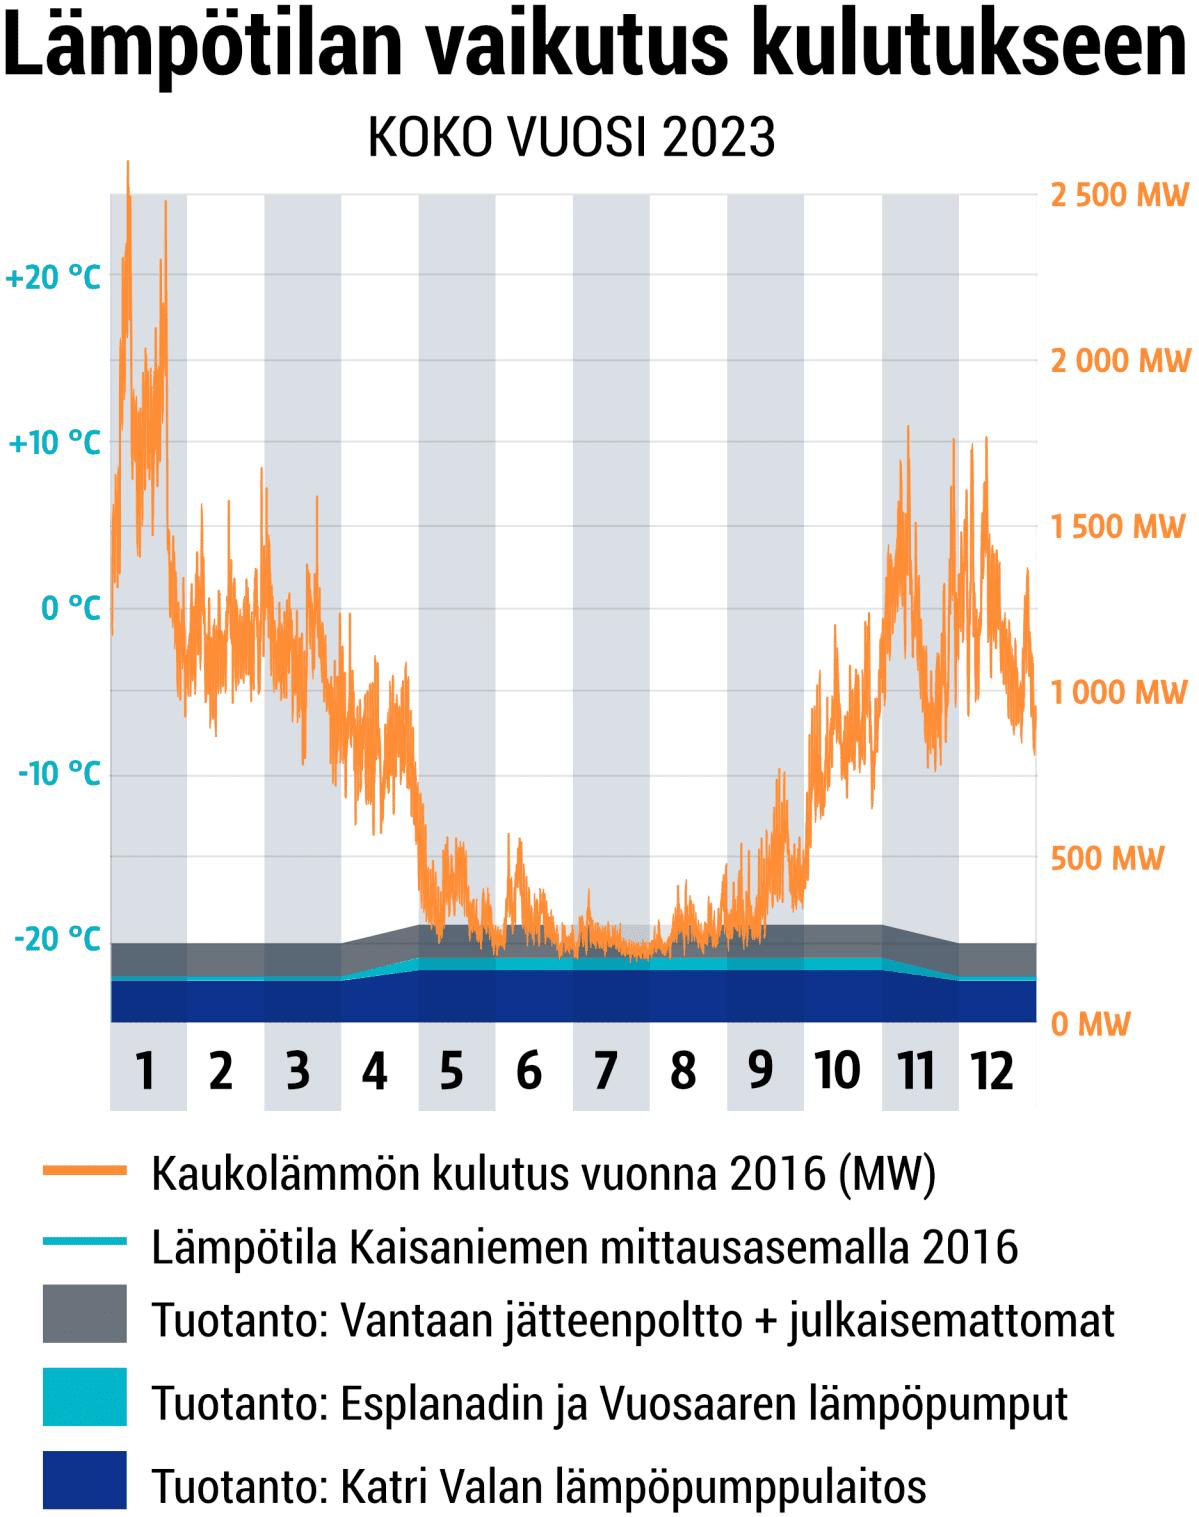 Lämpötilan vaikutus kulutukseen.